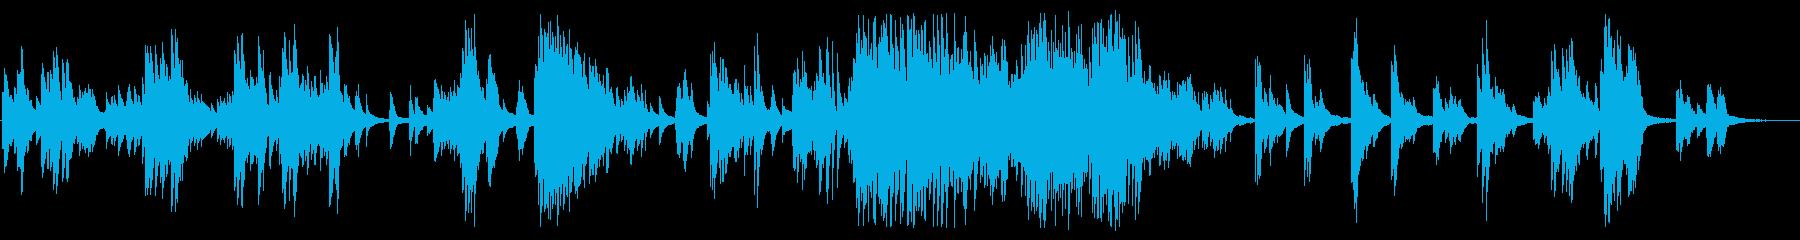 広がりを感じる落ち着いたピアノBGMの再生済みの波形